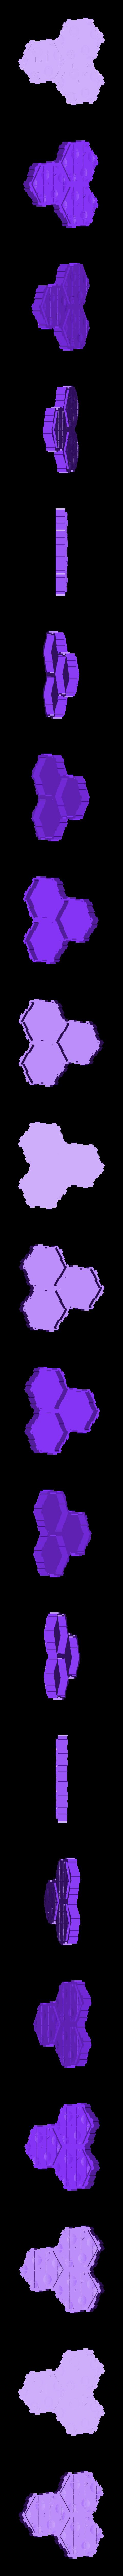 3hex_stone_path.stl Download free STL file Locking Hex Terrain Stone Path • 3D print object, mrhers2